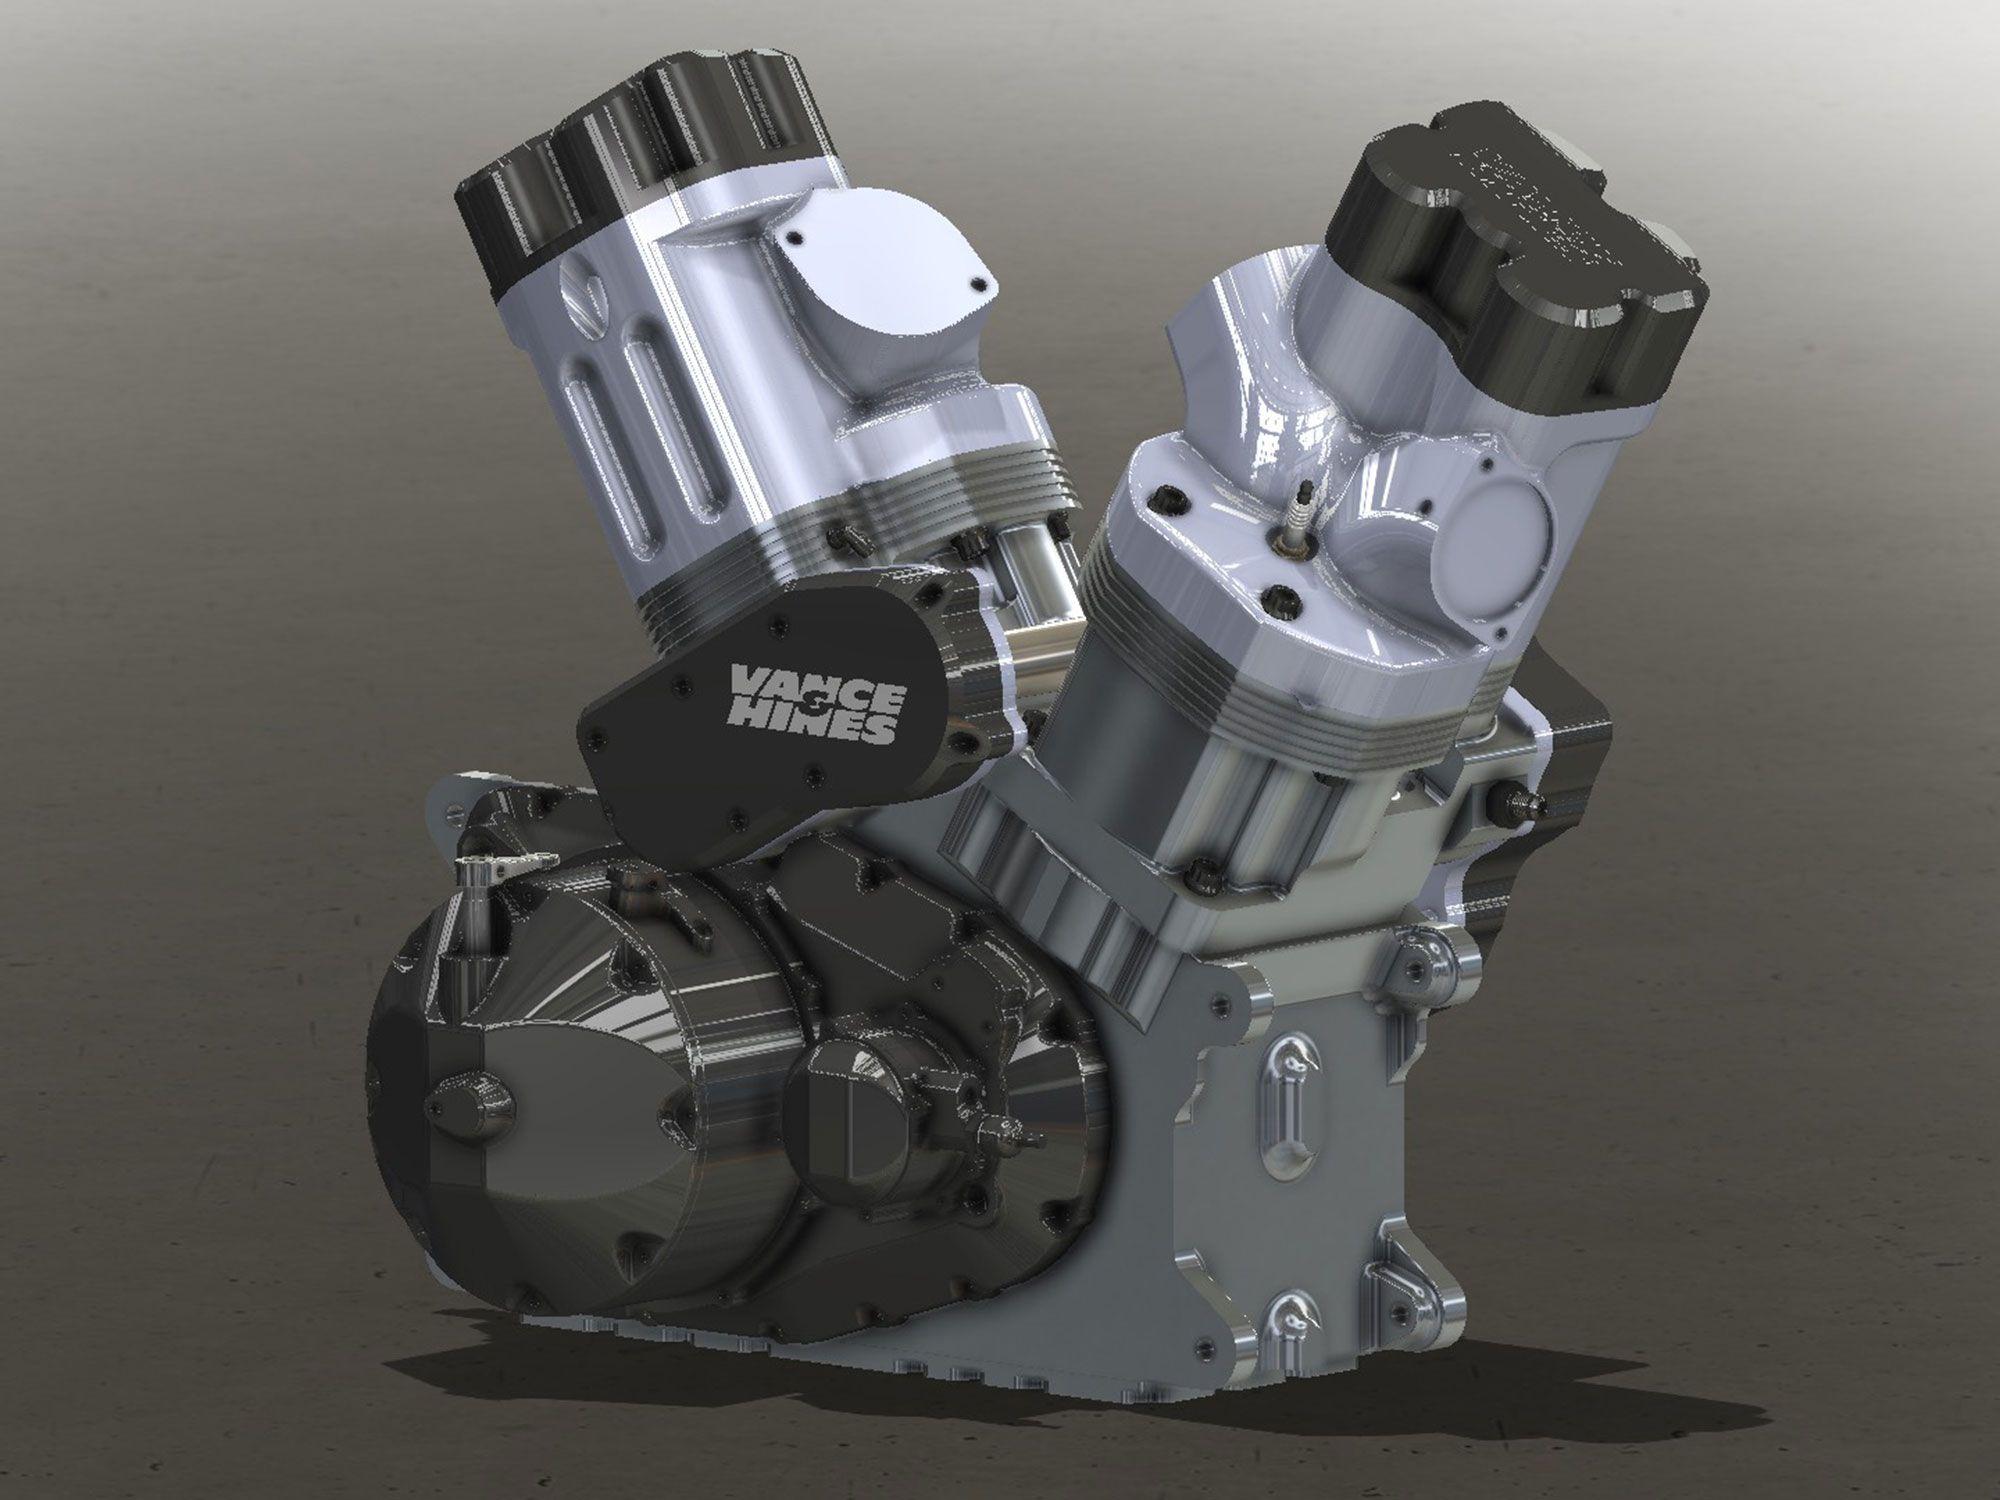 Ook op het gebied van dragracen is V&H druk bezig geweest met de lancering van twee nieuwe racemotoren, waaronder deze 400 pk sterke VH160VT V-twin.